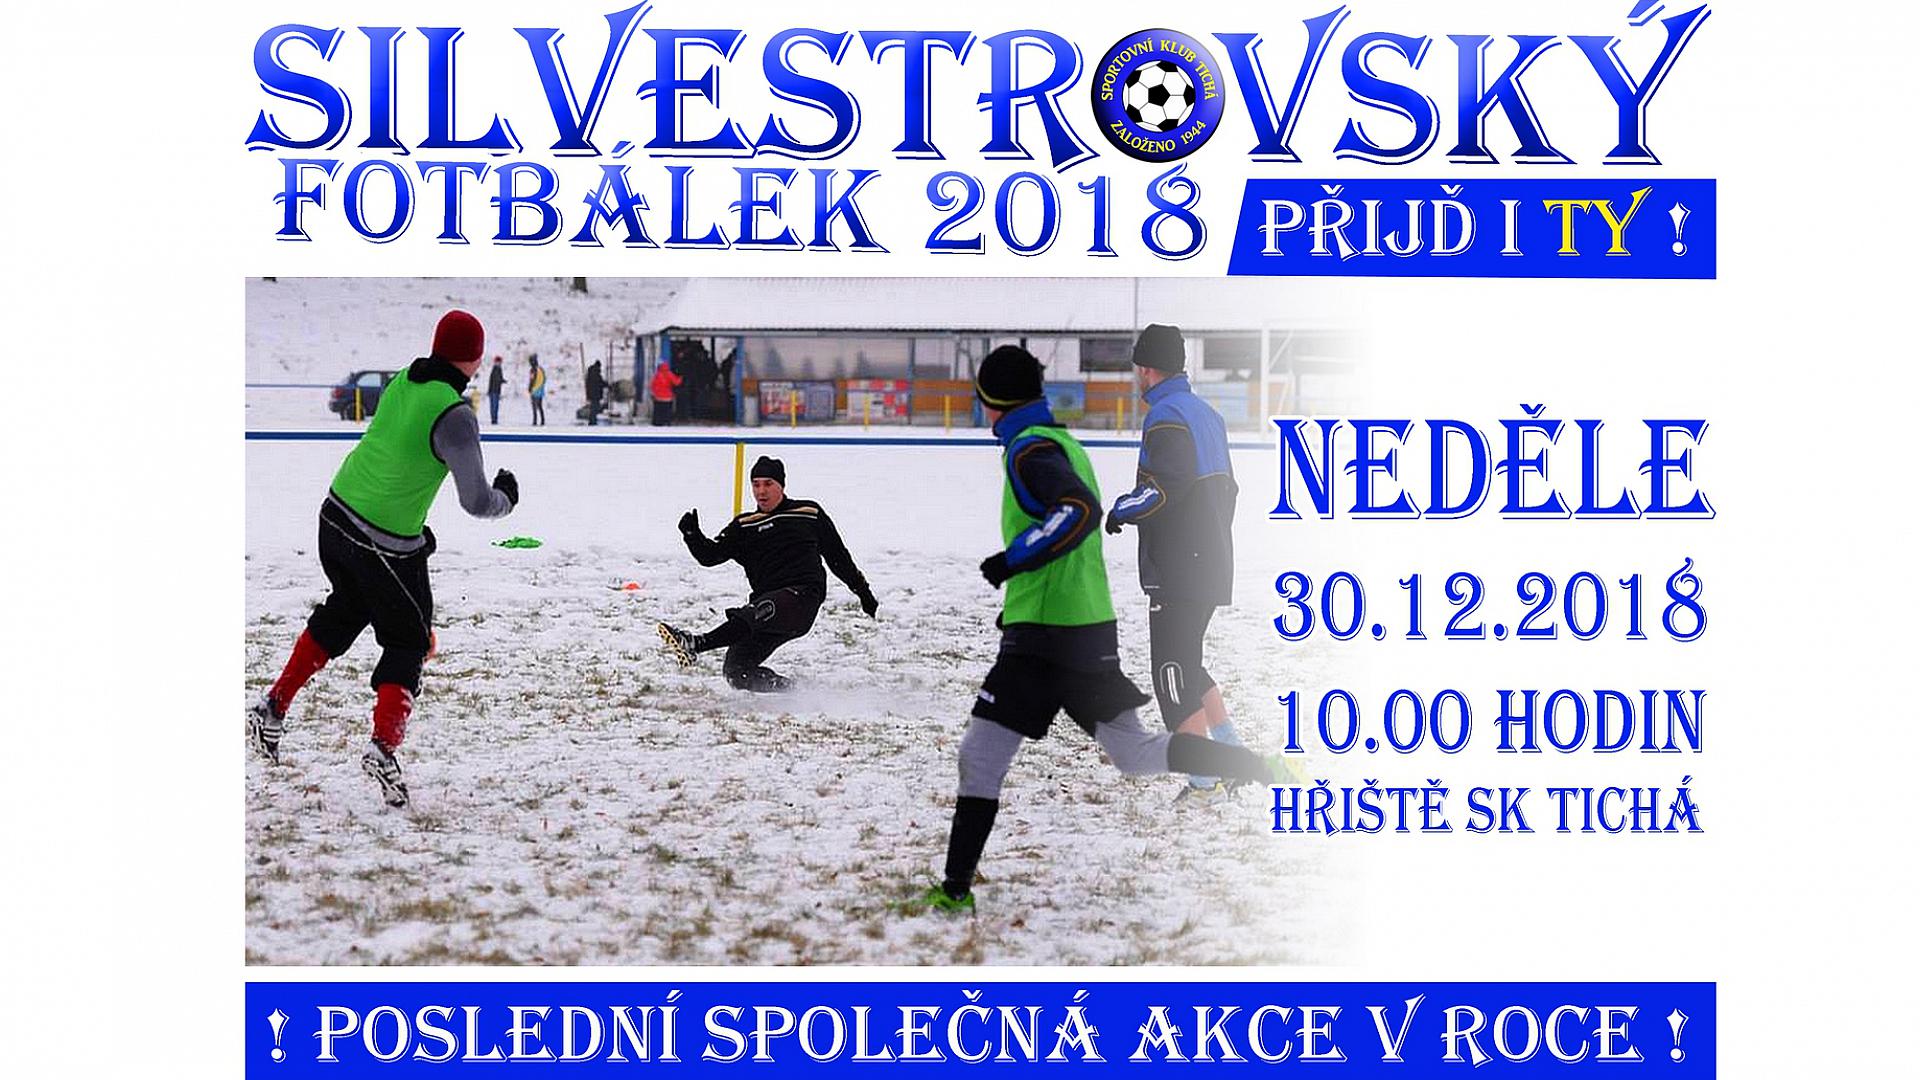 SK Tichá - Silvestrovský fotbálek 2018